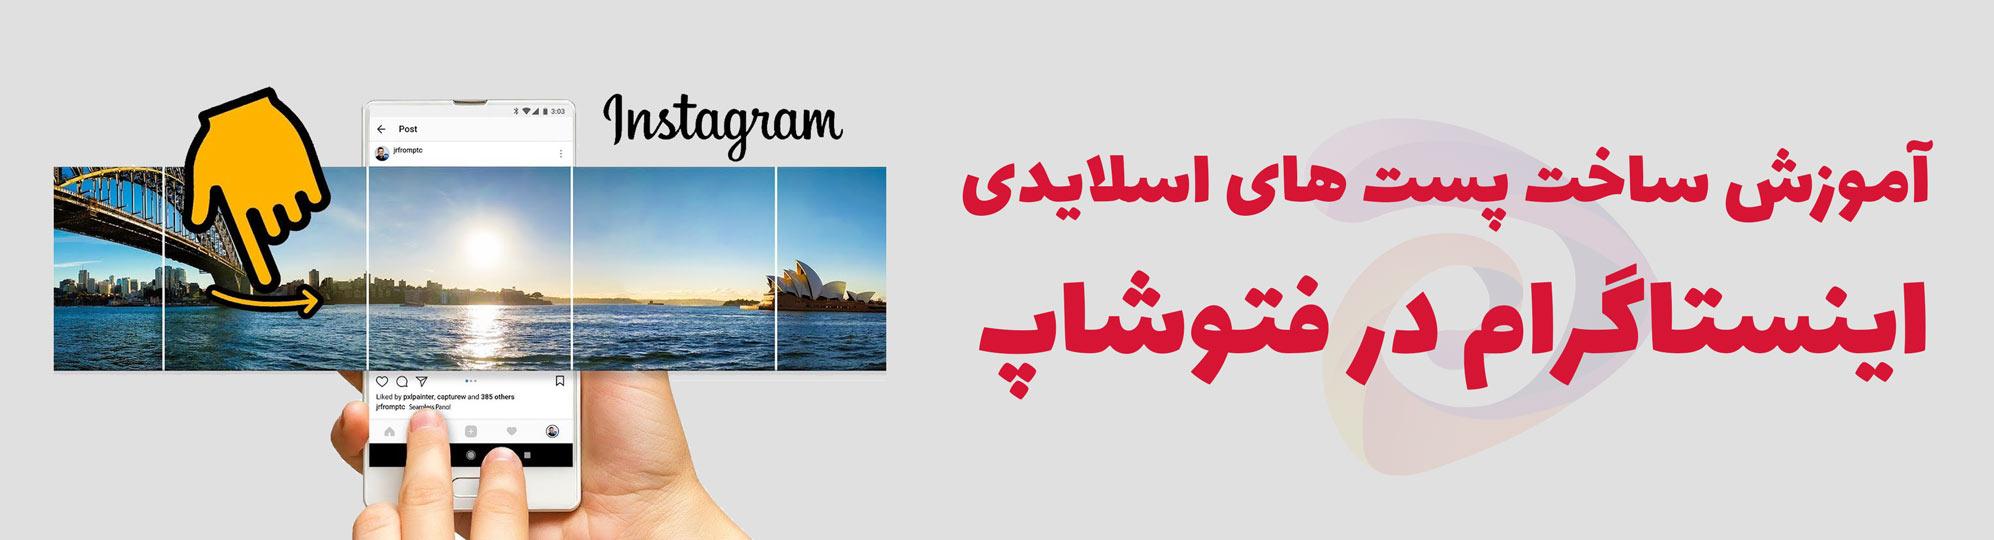 آموزش ساخت پست اسلایدی اینستاگرام